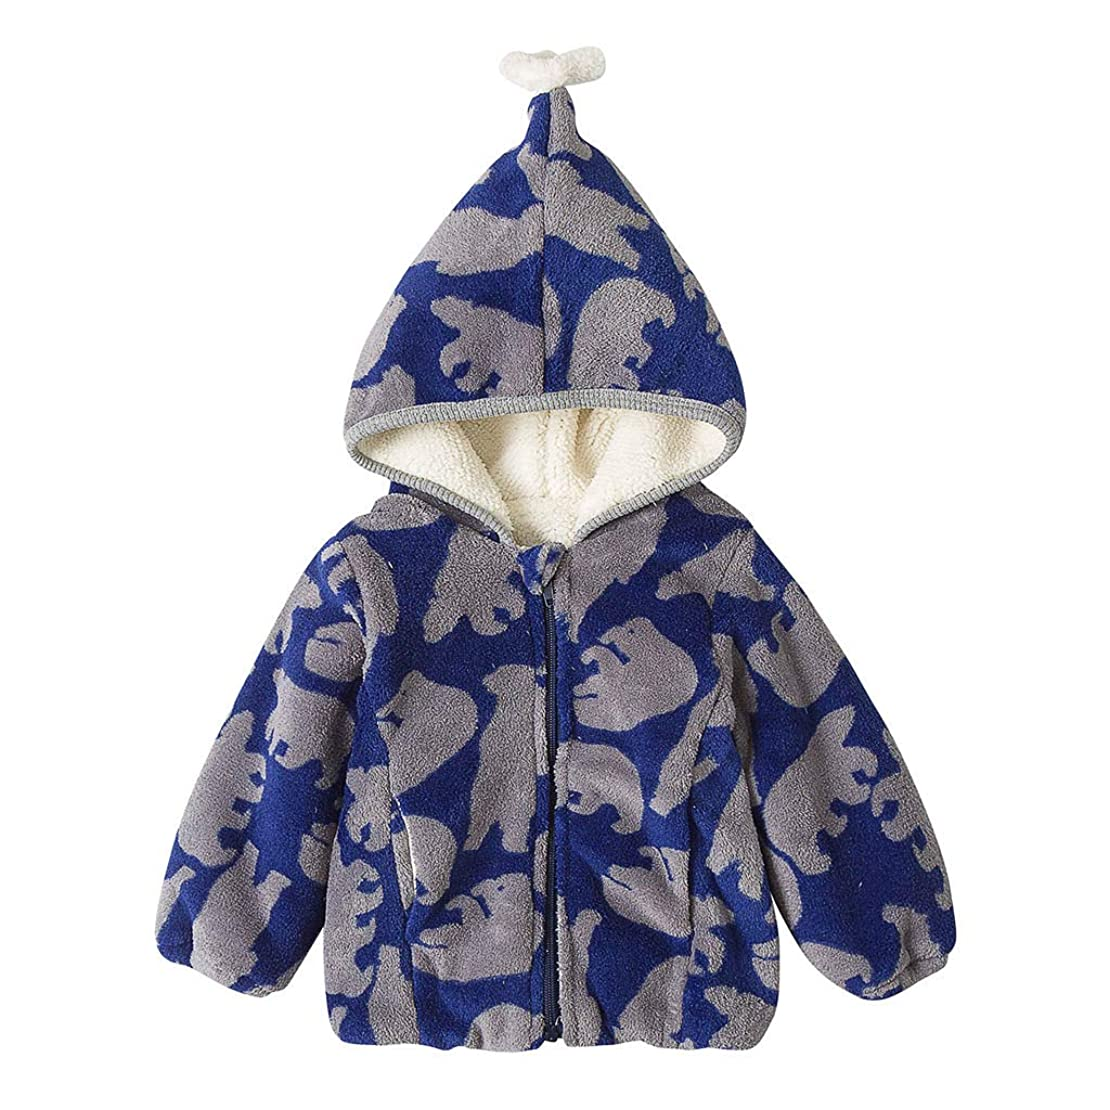 ライフル無許可スカーフかわいい柄あたたかい男の子女の子赤ちゃん冬コートジャケット子供ジップ厚いスノースーツパーカーオーバーコート屋外かわいいルースソフト快適なブラウストップス